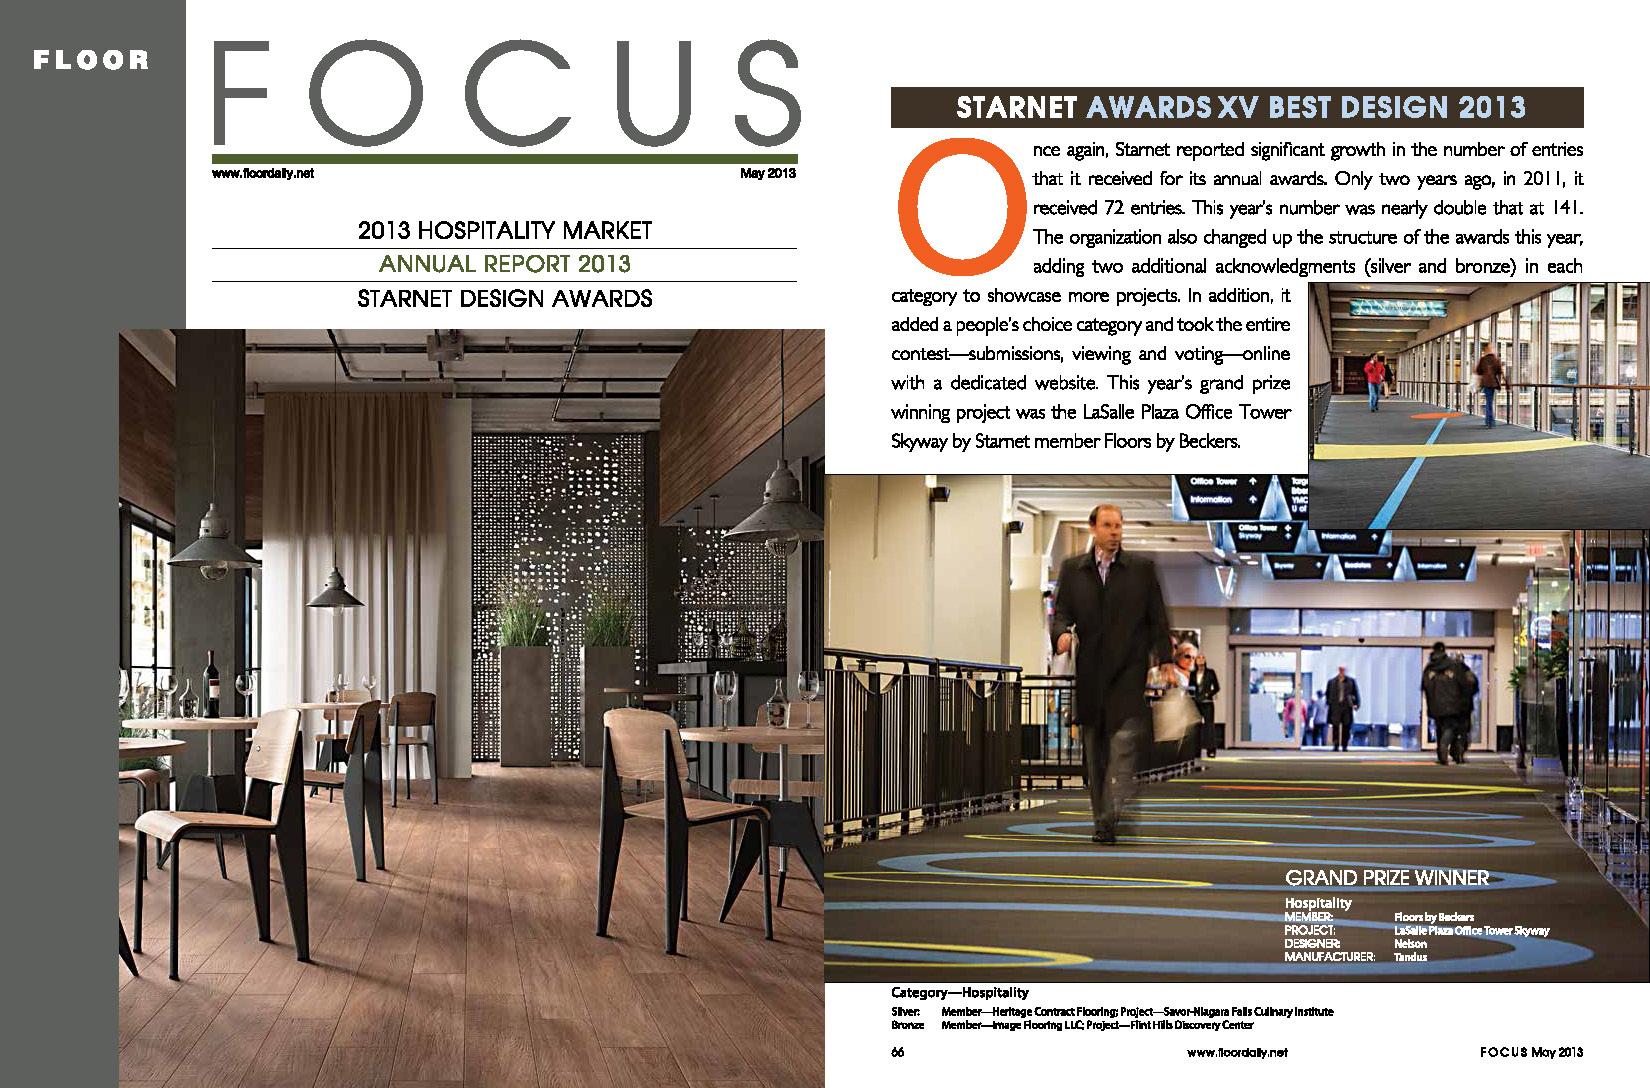 Floor Focus